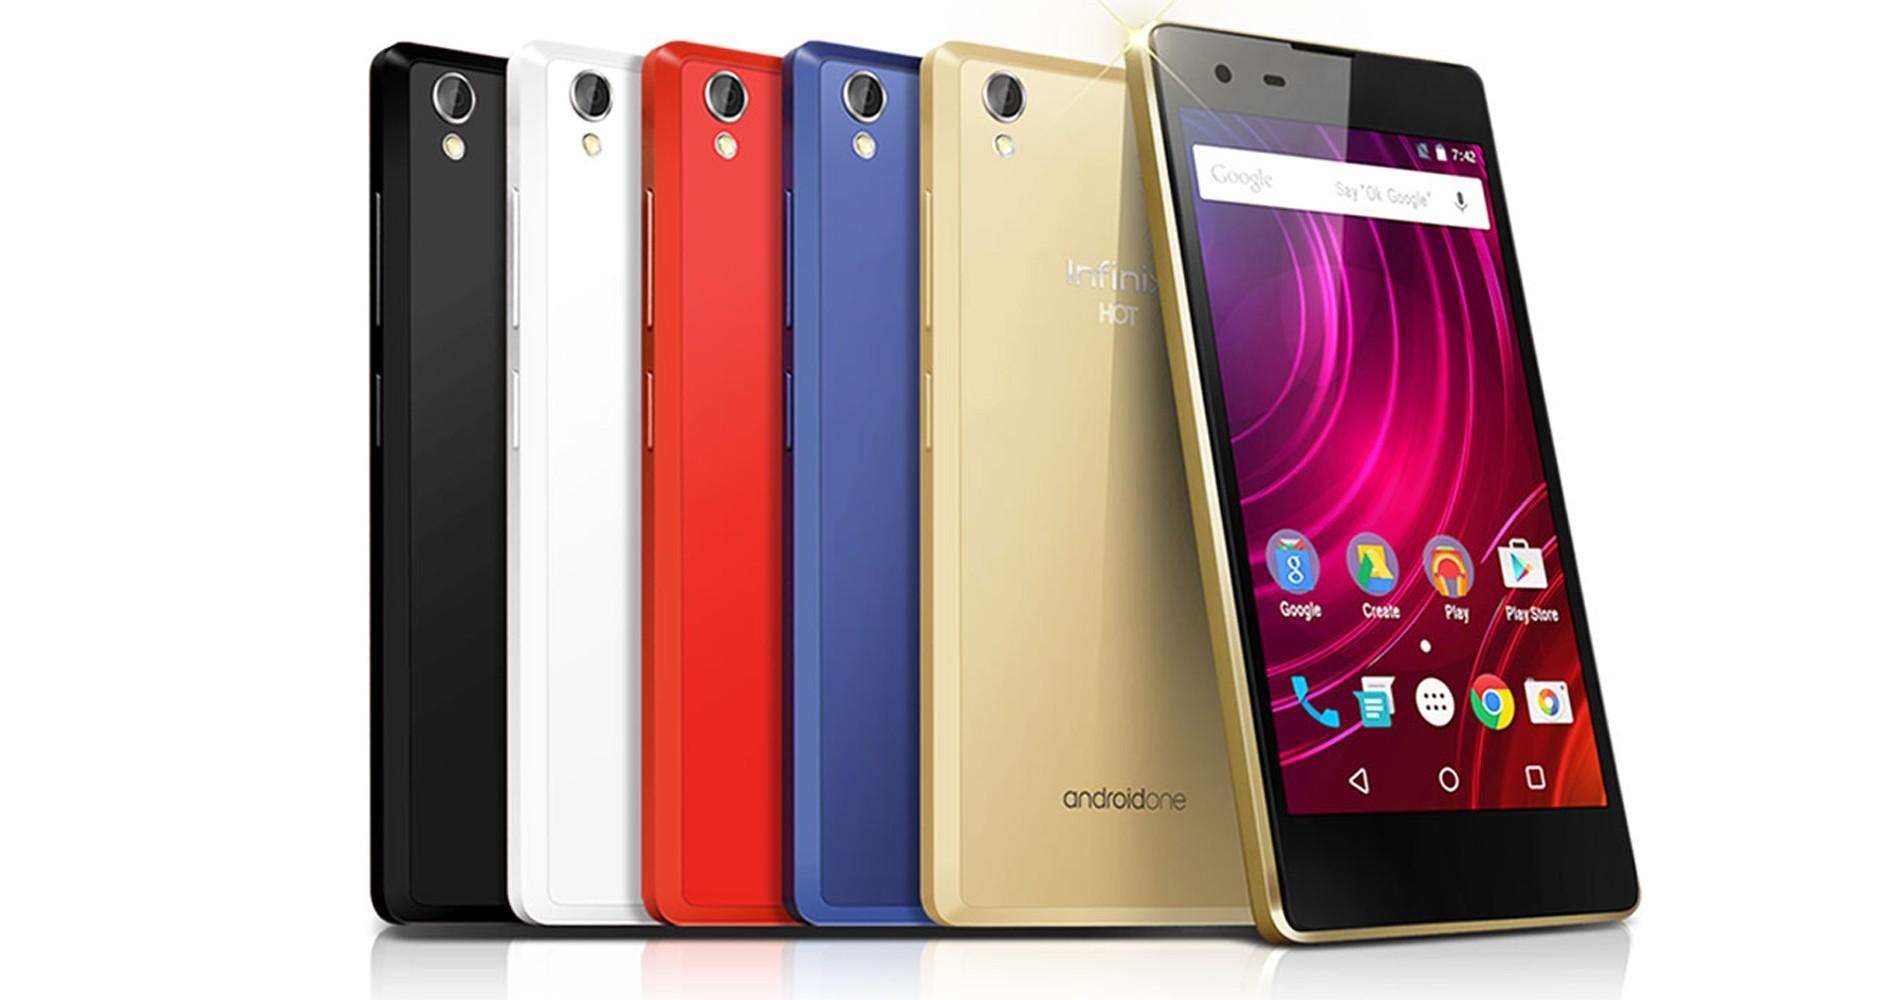 7 Hp Android Murah Berkualitas Dibawah 1 5 Juta Februari 2016